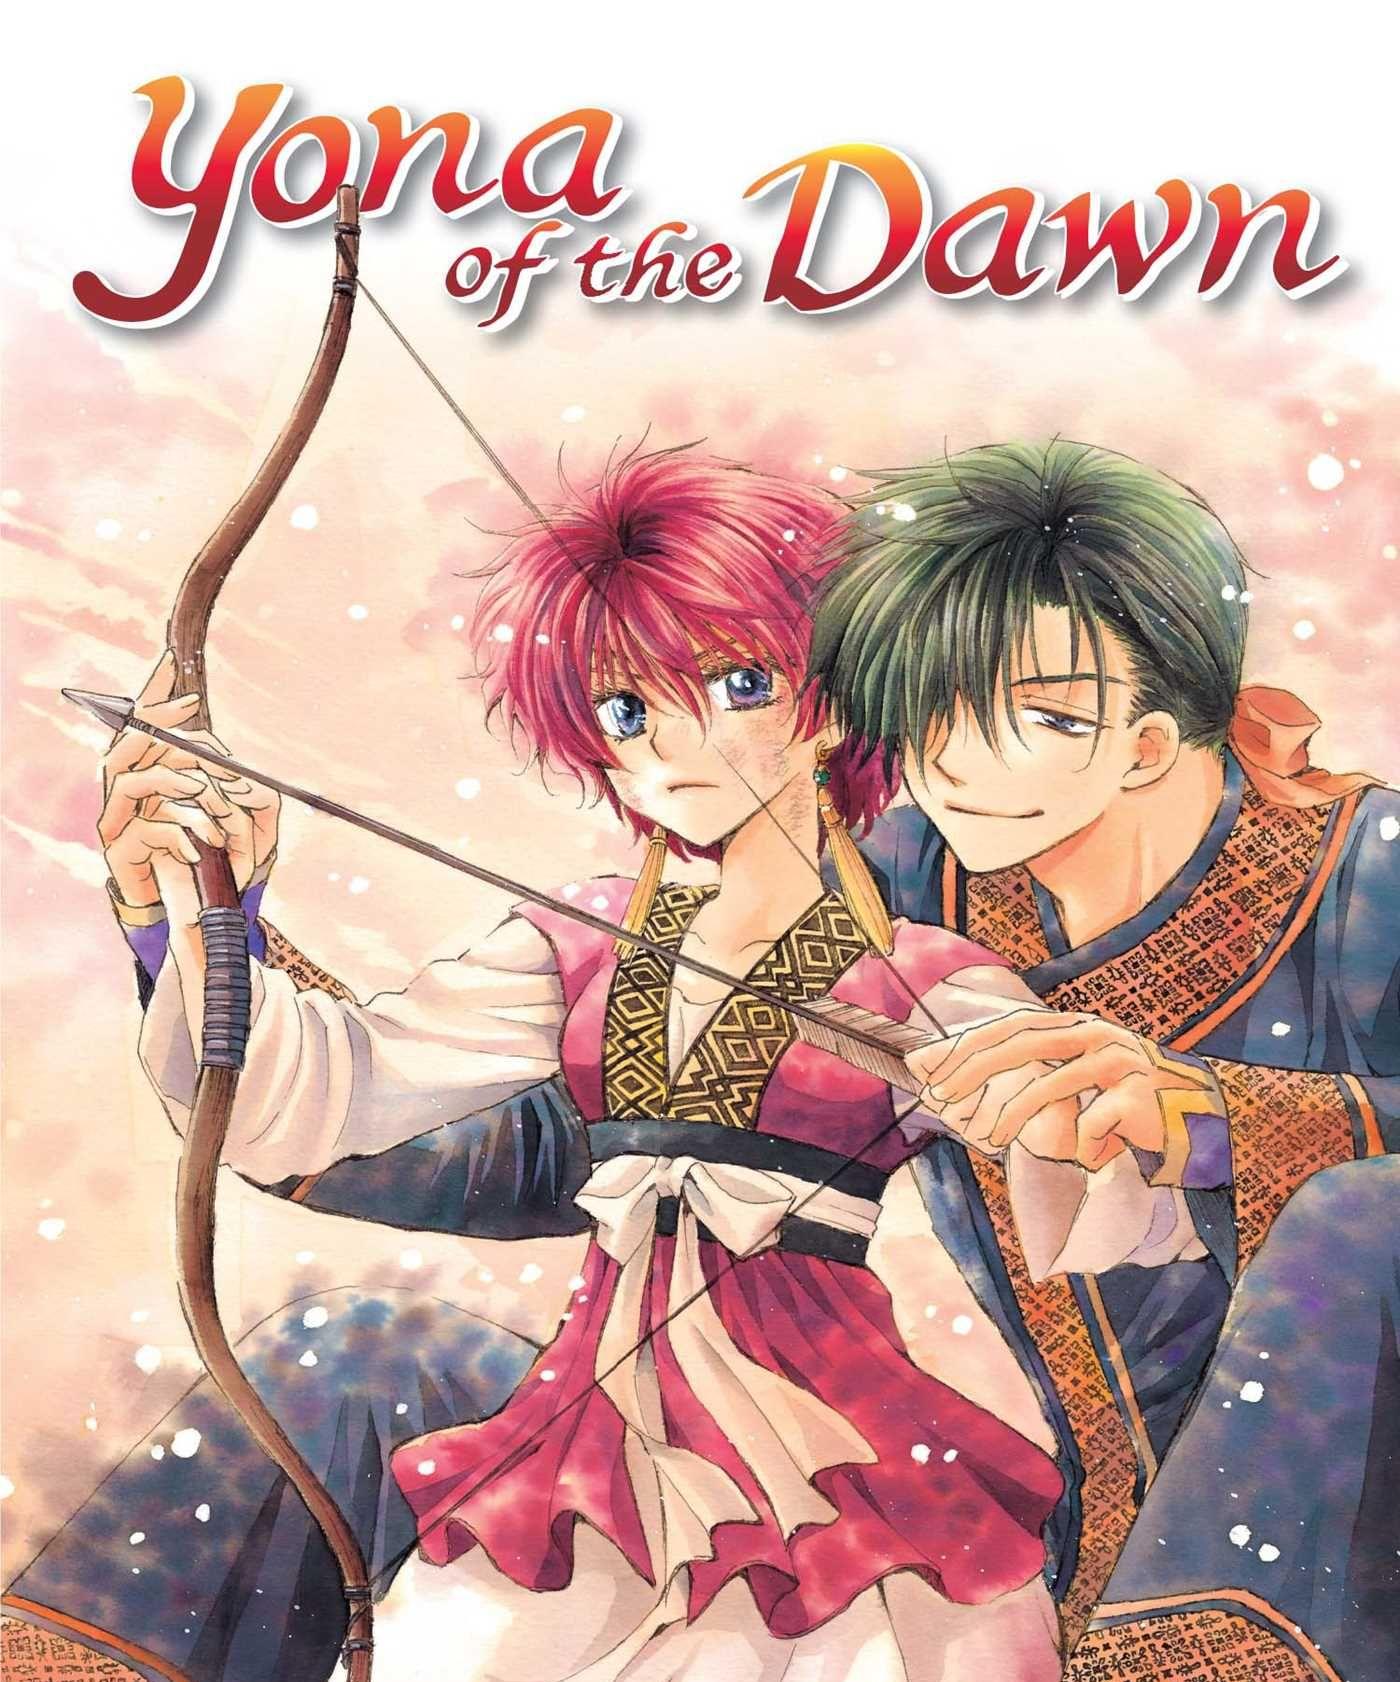 Yona of the Dawn